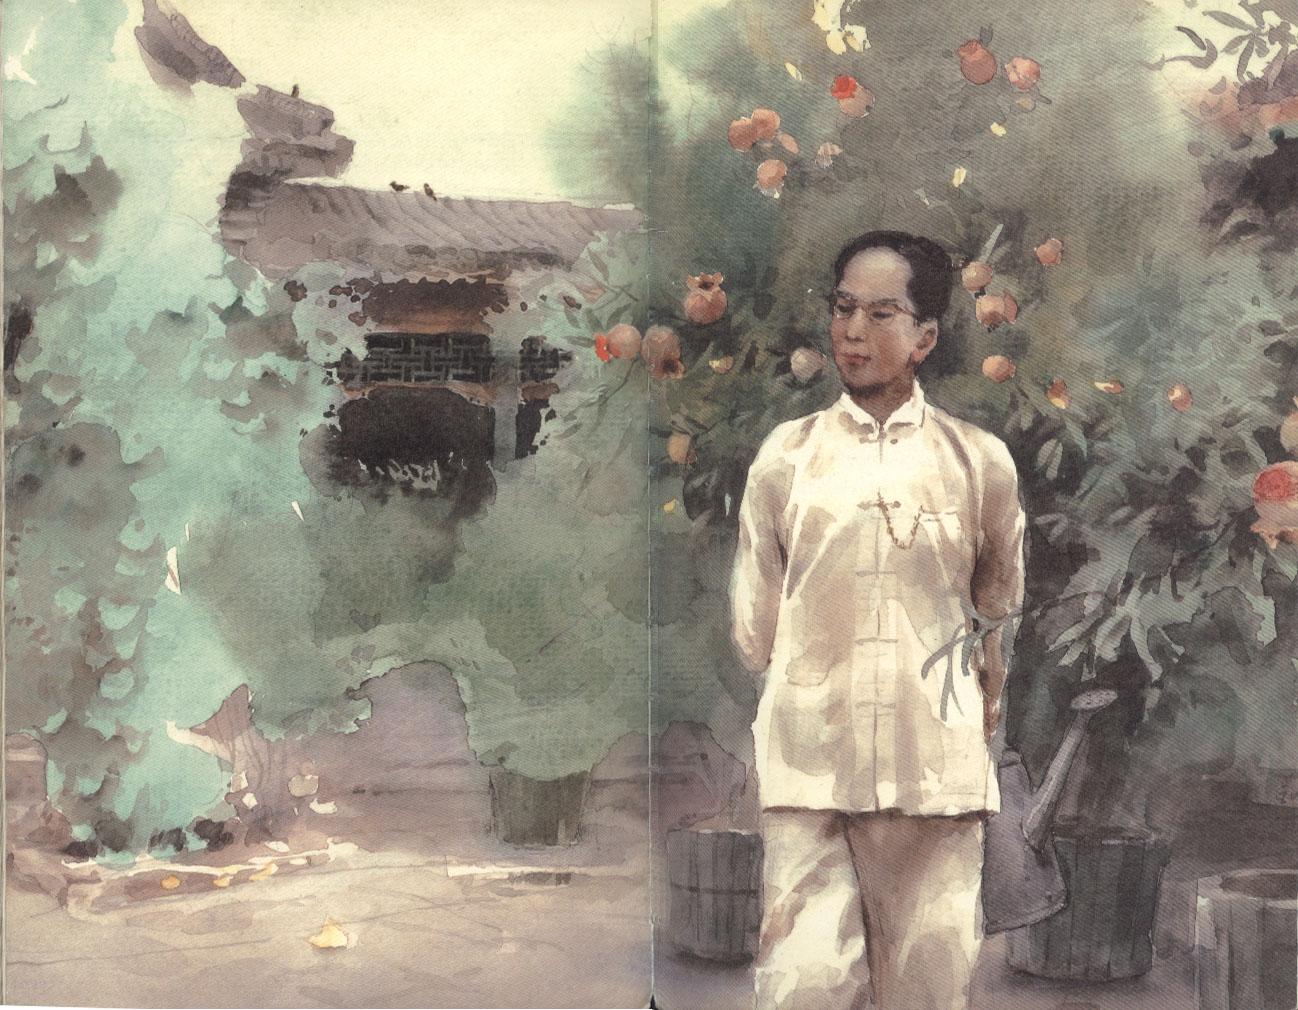 百度_城南旧事吧_插画:城南旧事——关维兴 - 浪掷浮生 - 坐看风云